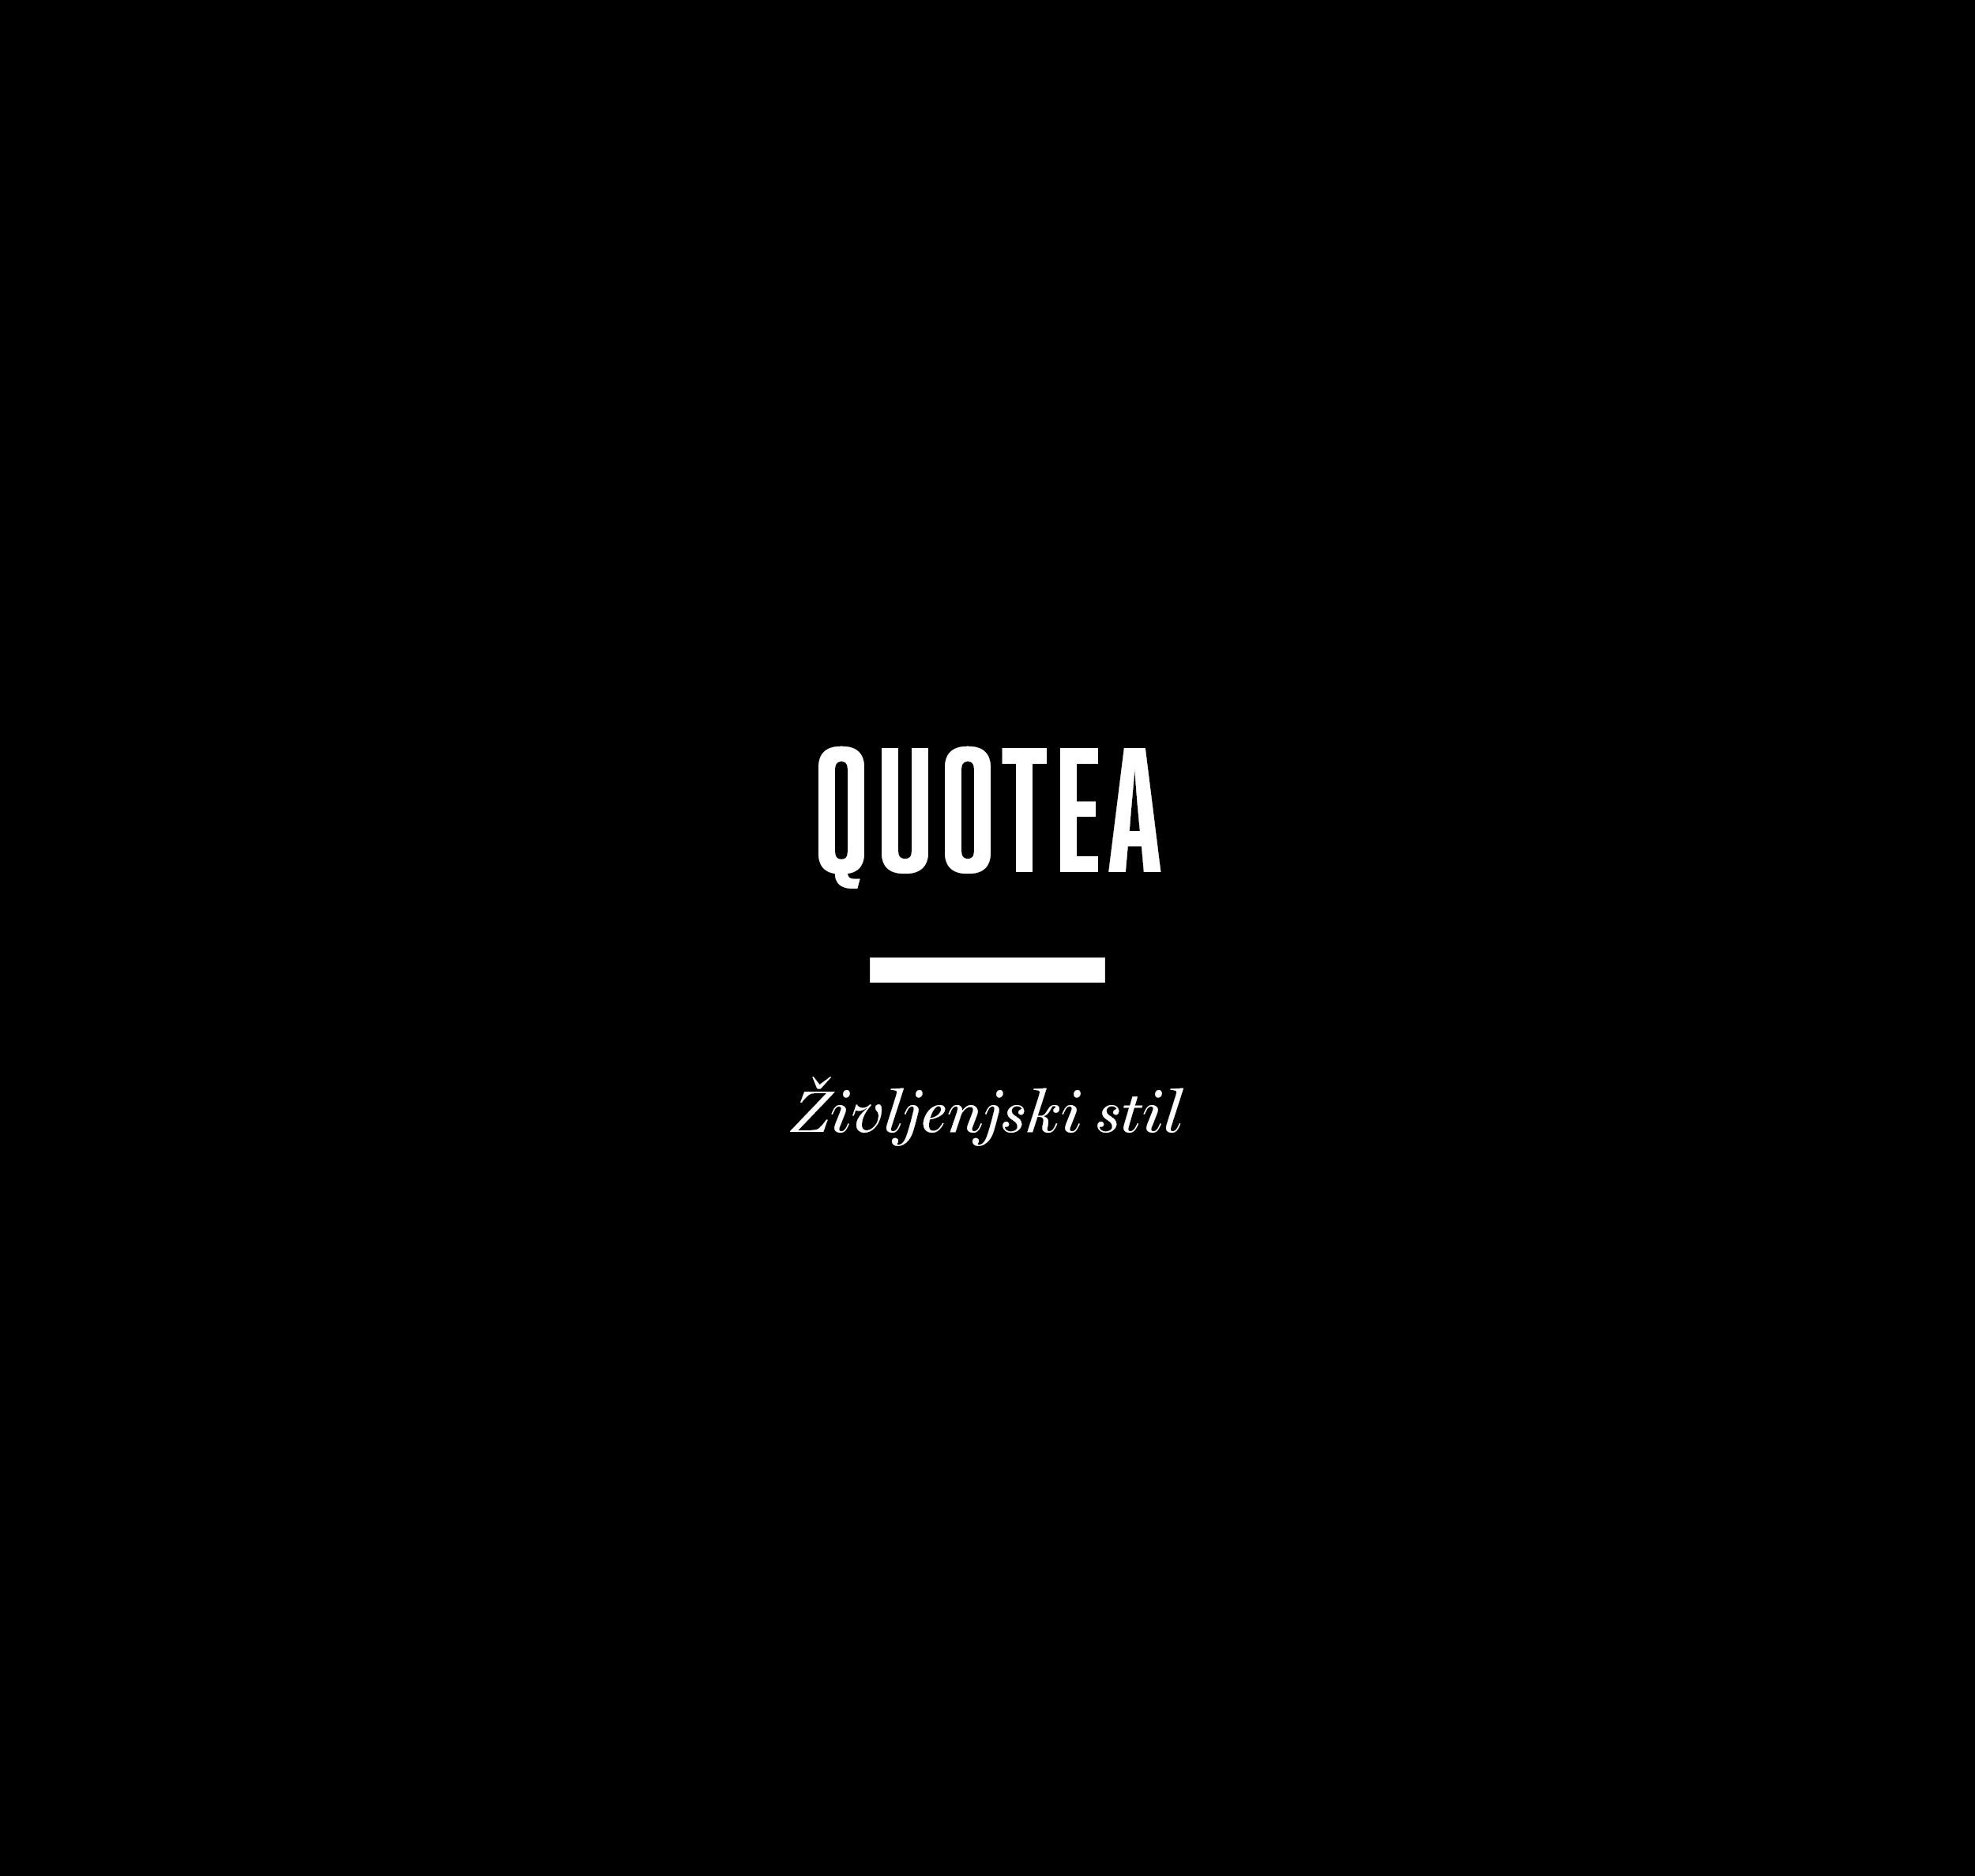 quotea_slo